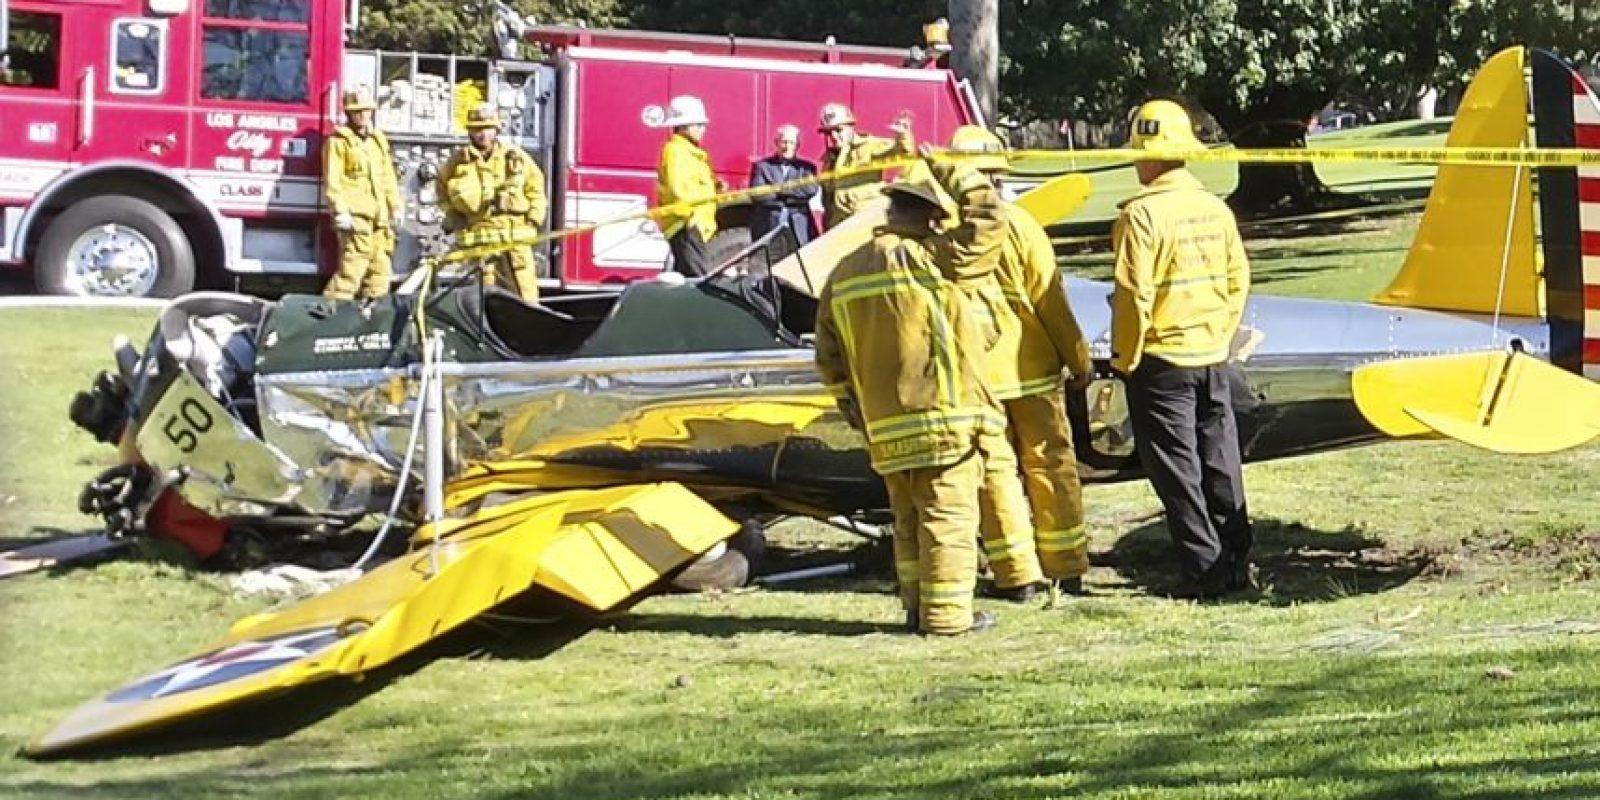 Harrison se estrelló en un campo de golf Foto:Getty Images